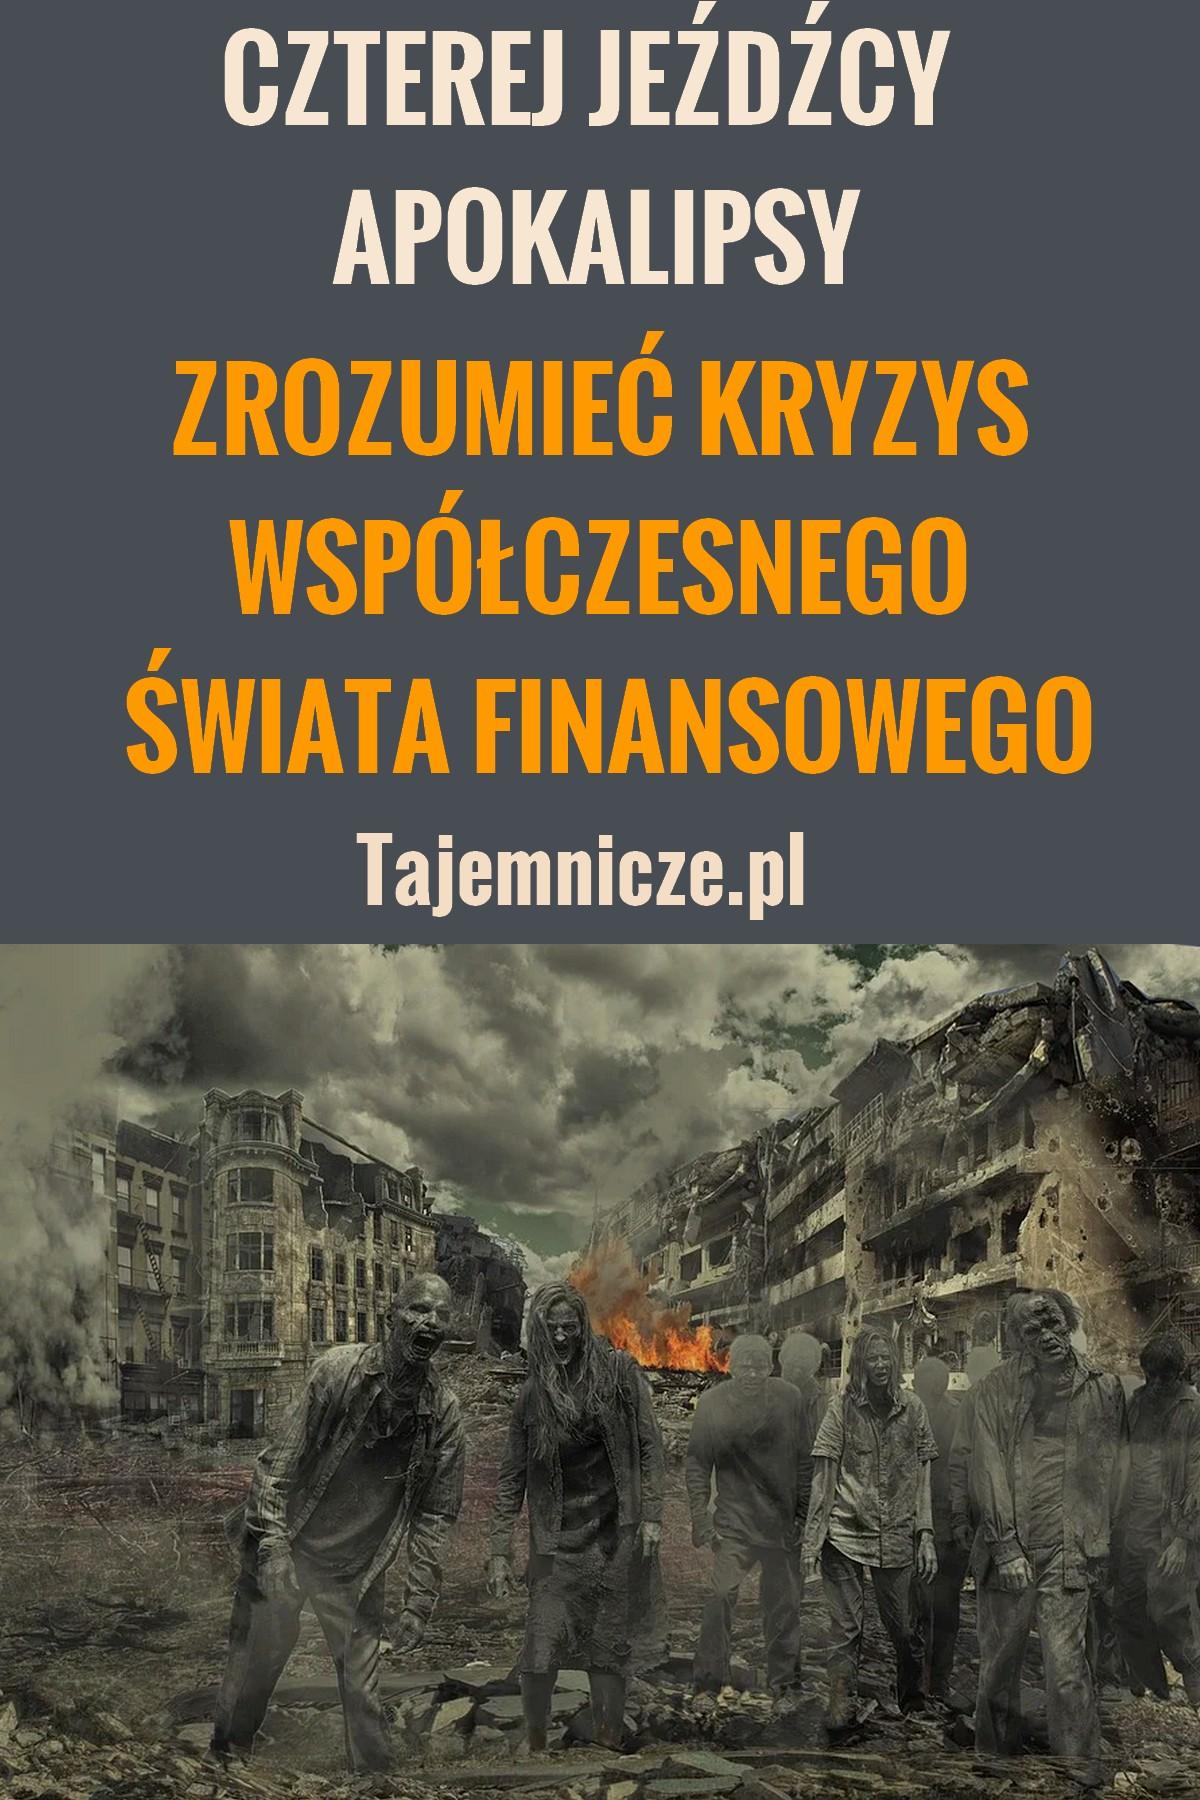 tajemnicze.pl-czterej-jezdzcy-apokalipsy-film-caly